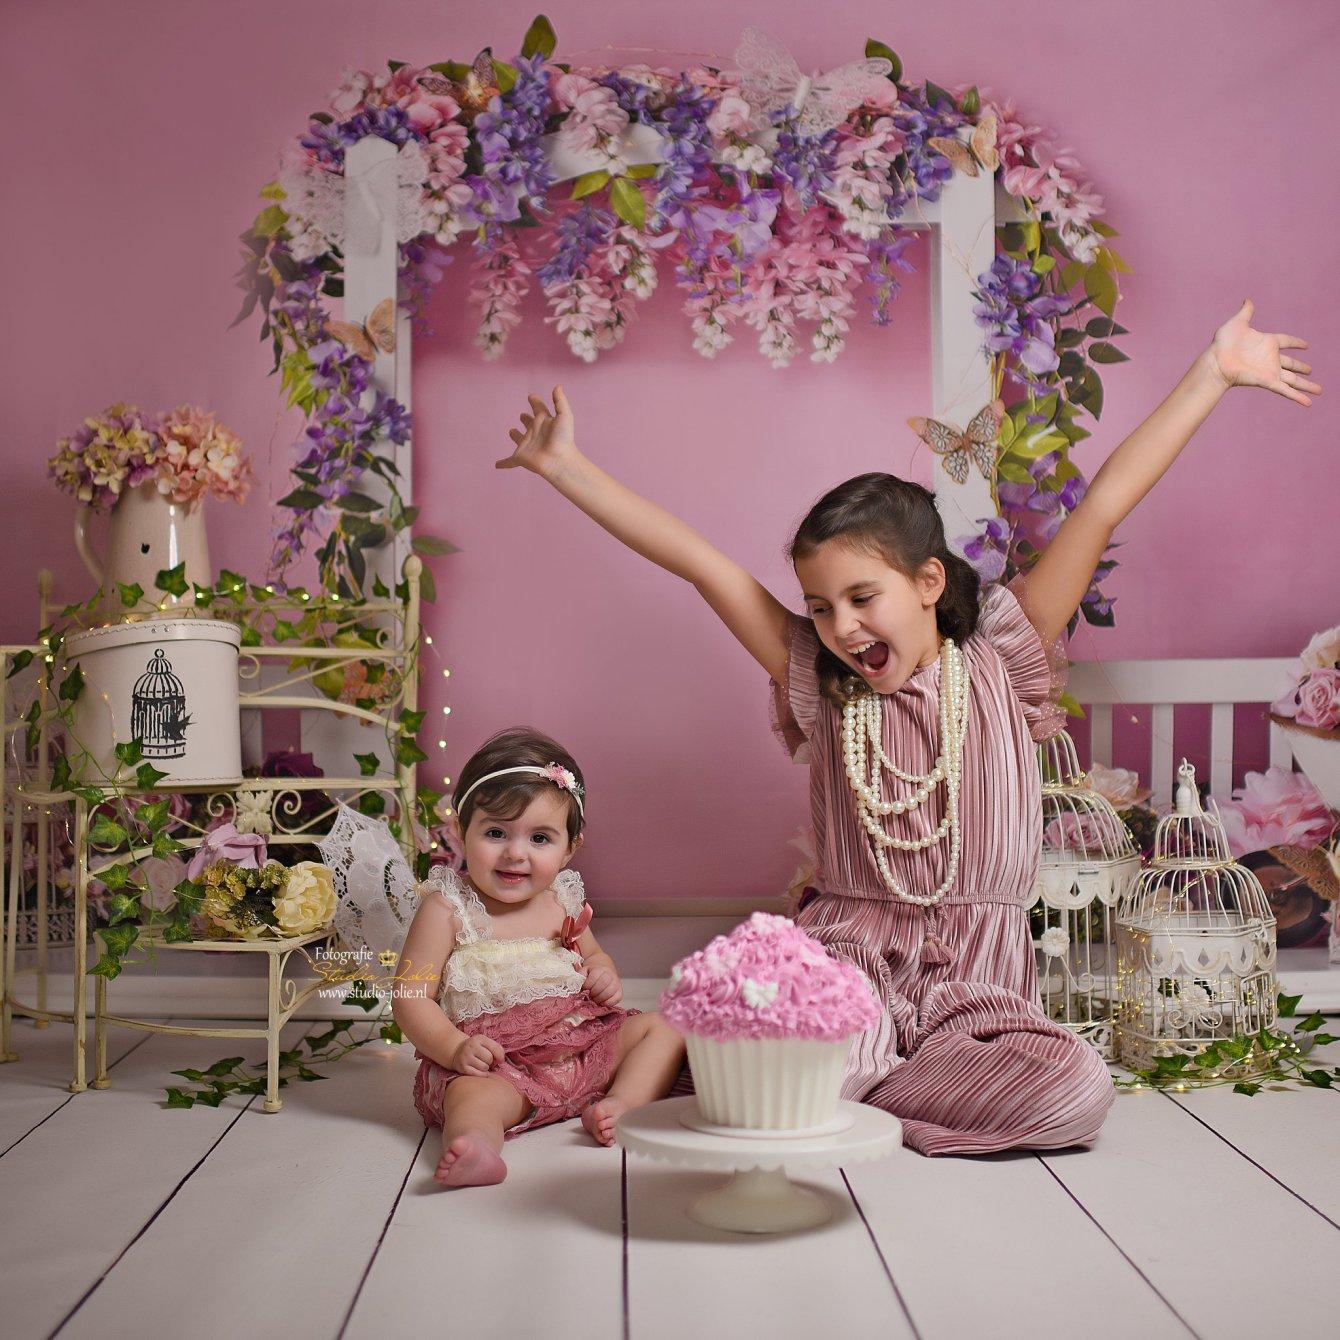 cakesmash met zus.jpg